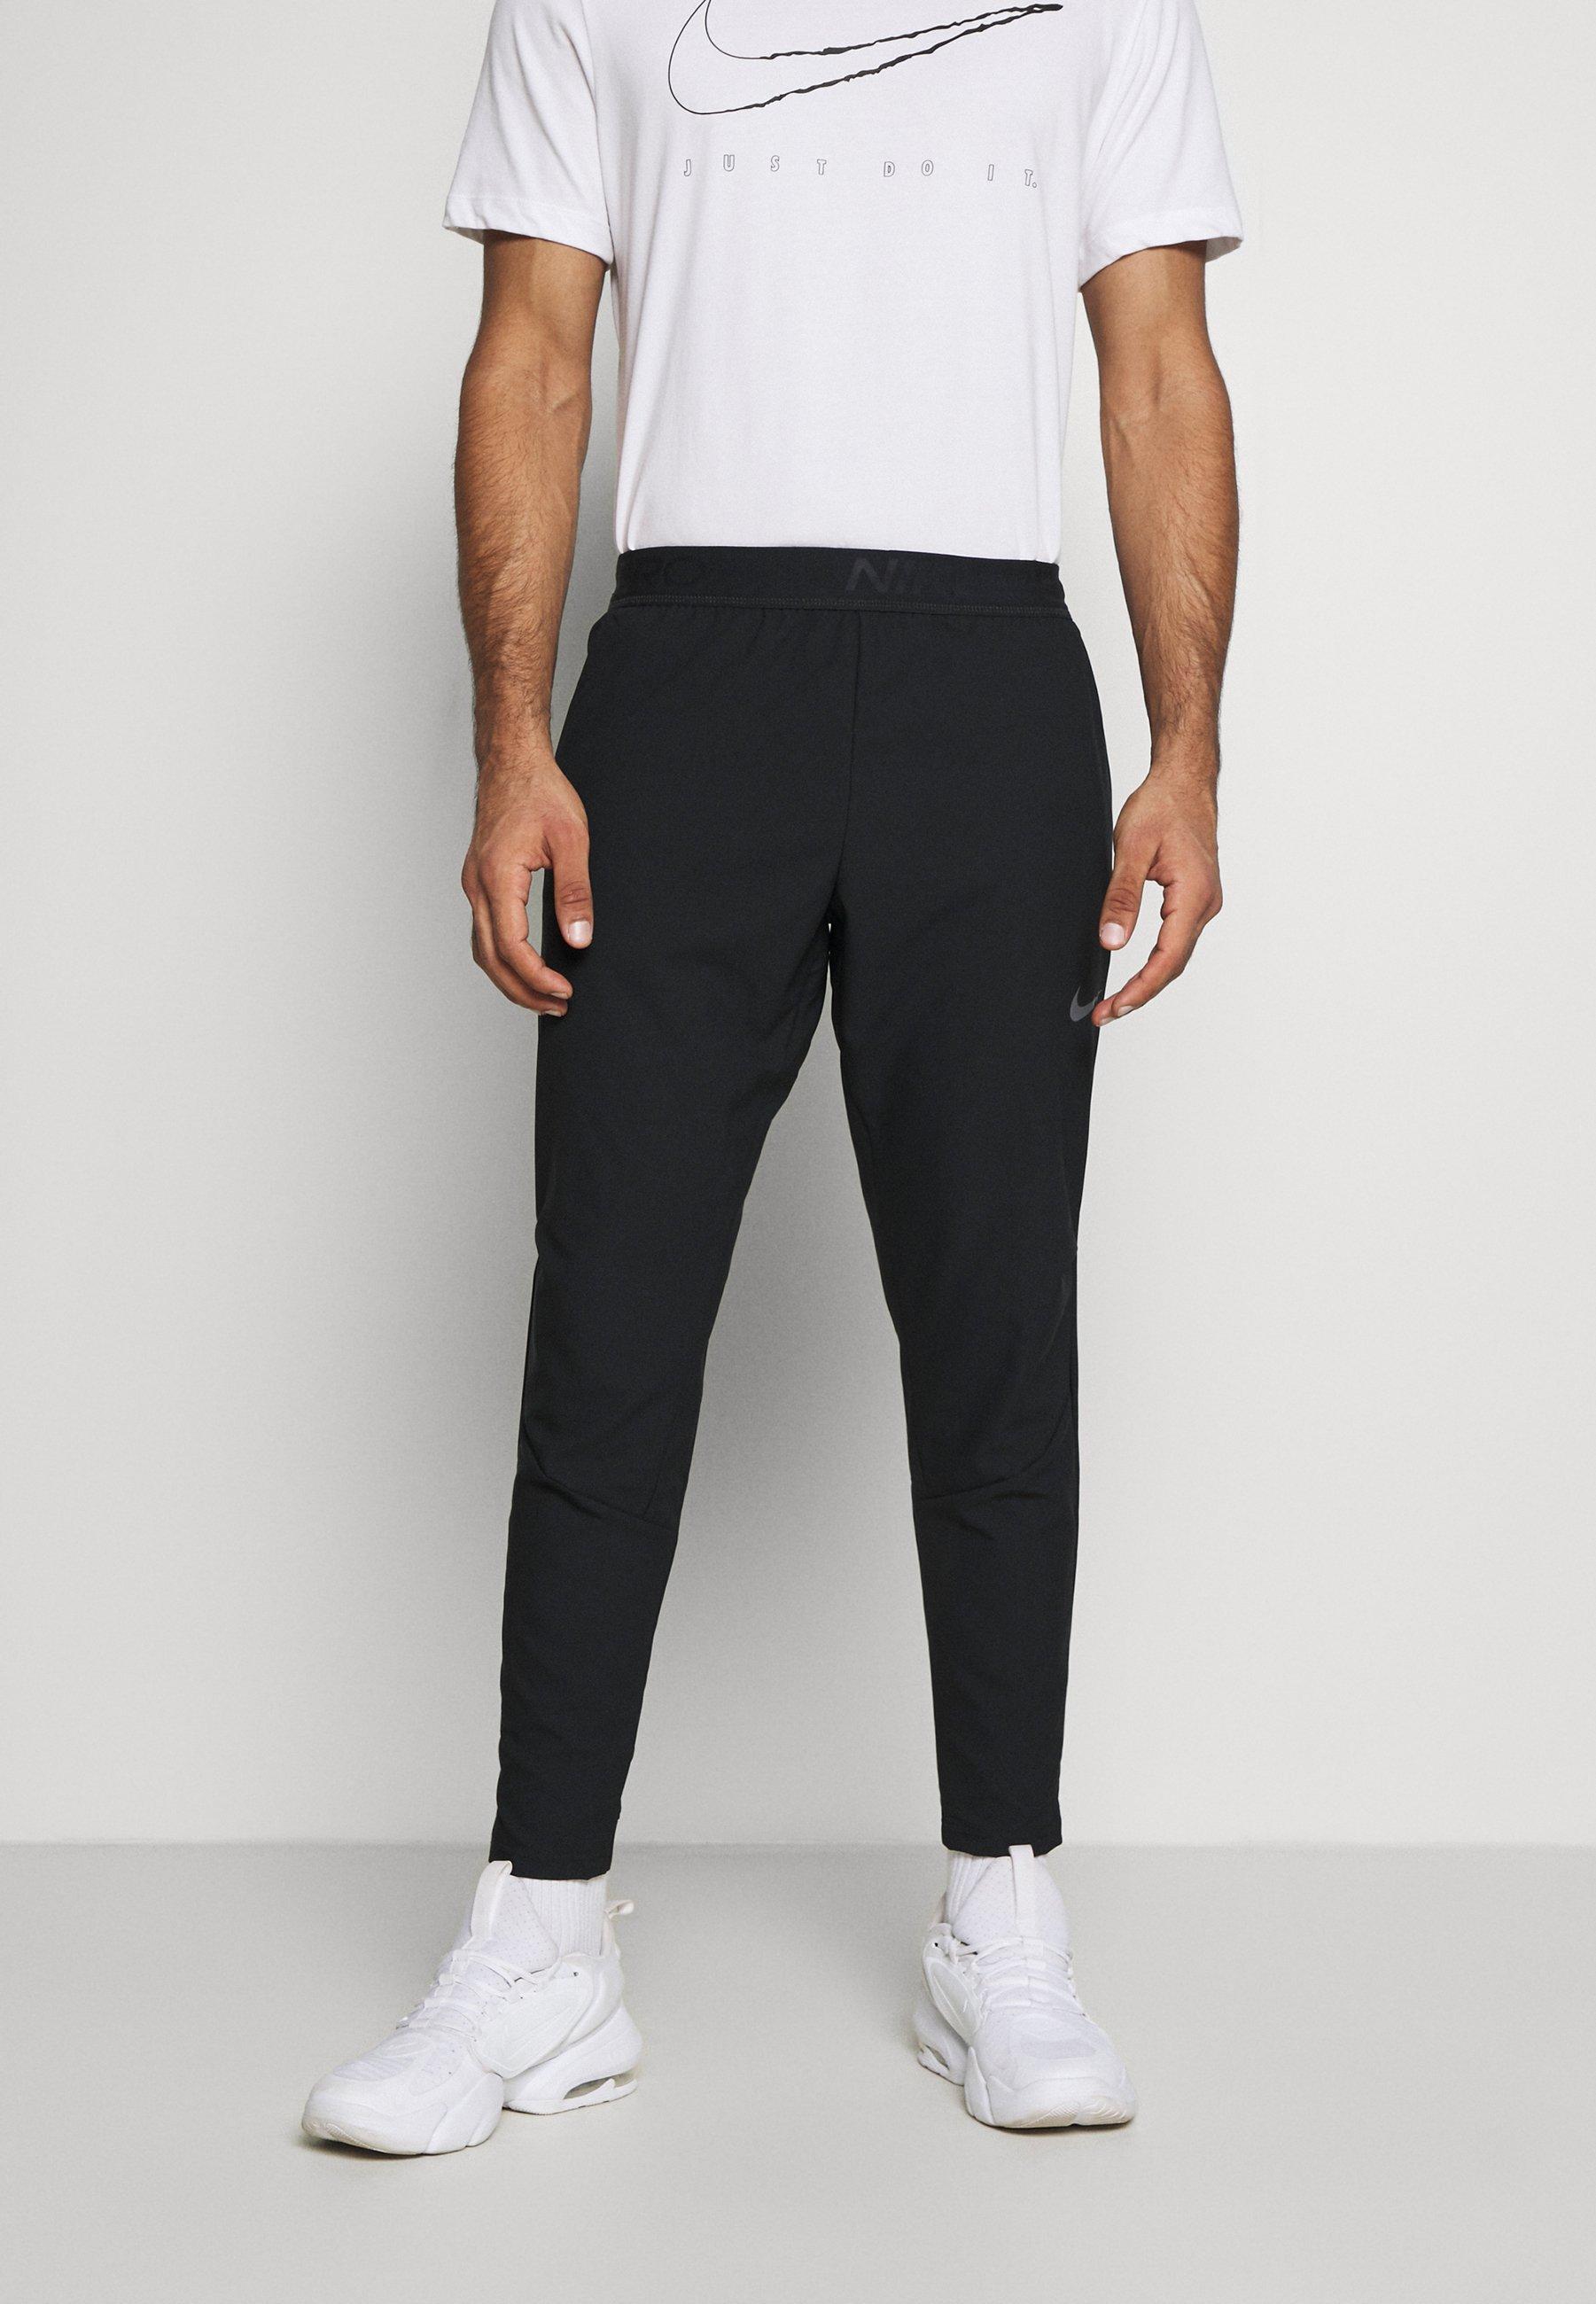 Homme VENT MAX PANT - Pantalon de survêtement